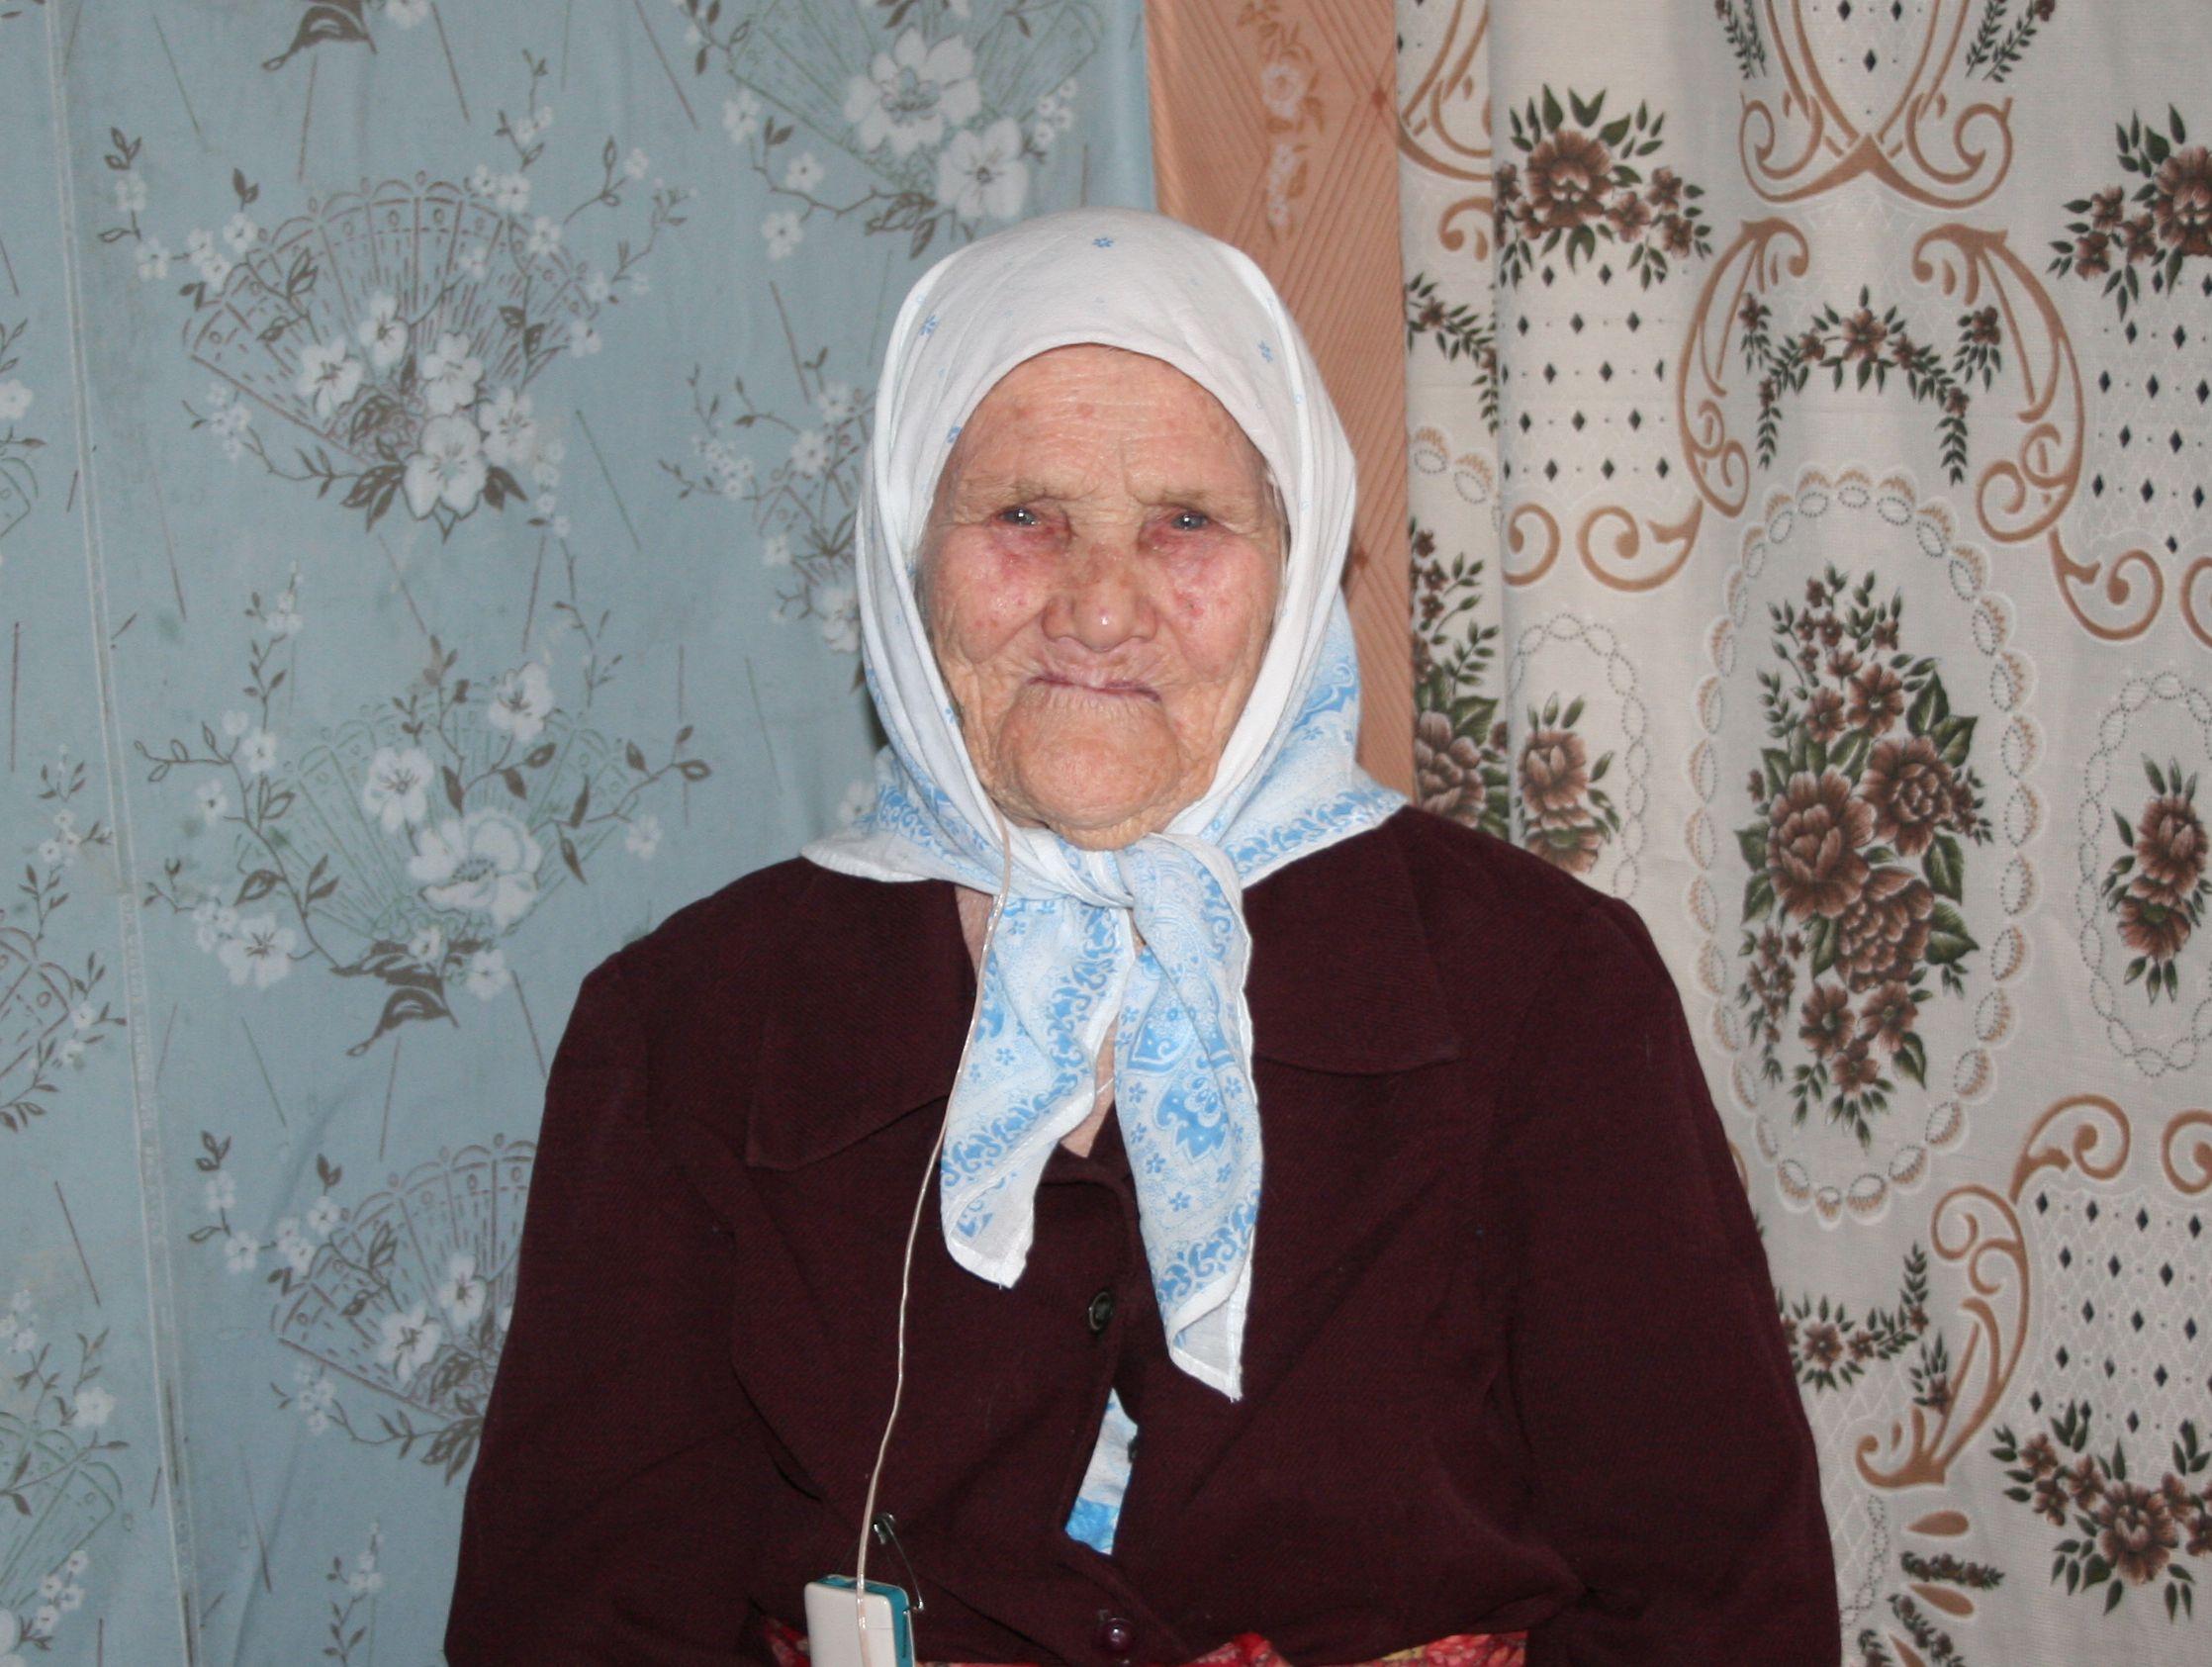 приснипась покойная бабушка открыла дверь суммы